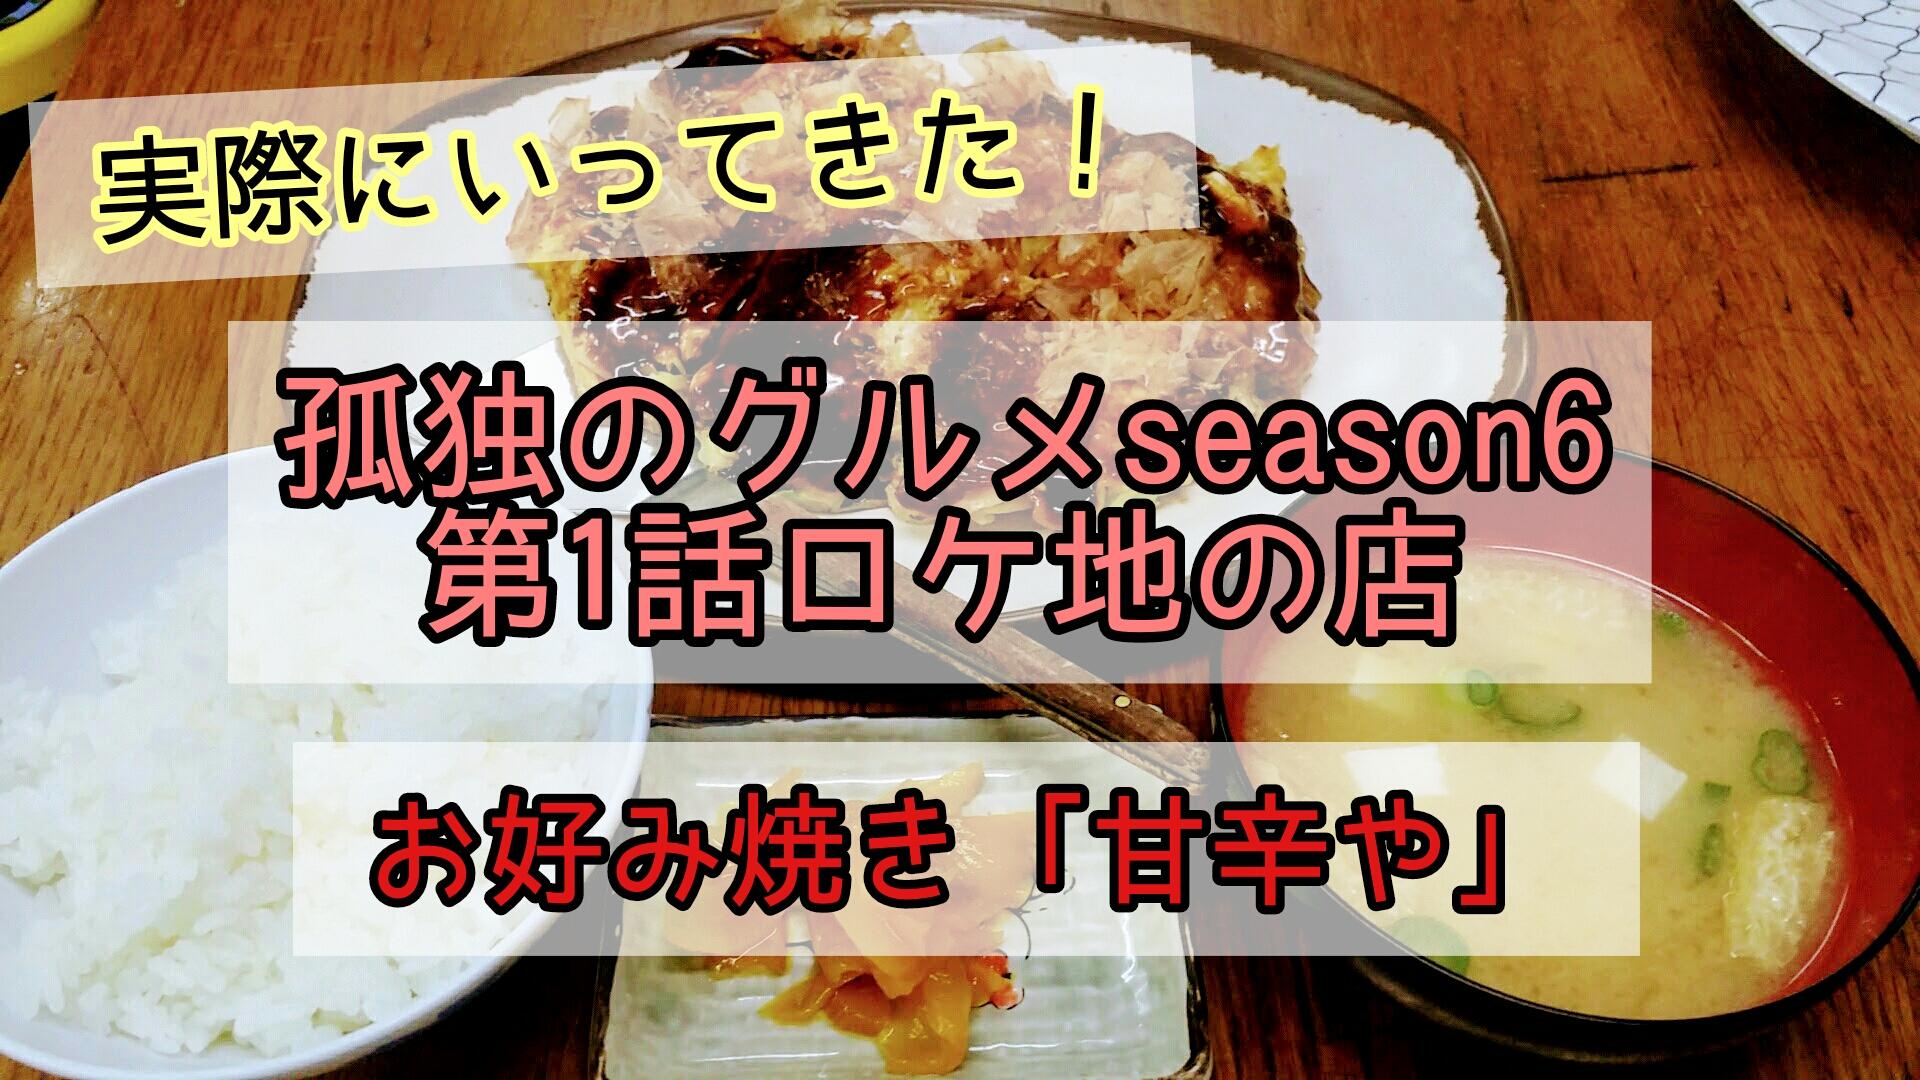 孤独のグルメseason6の店、大阪市阿倍野区美章園お好み焼き屋「甘辛や」